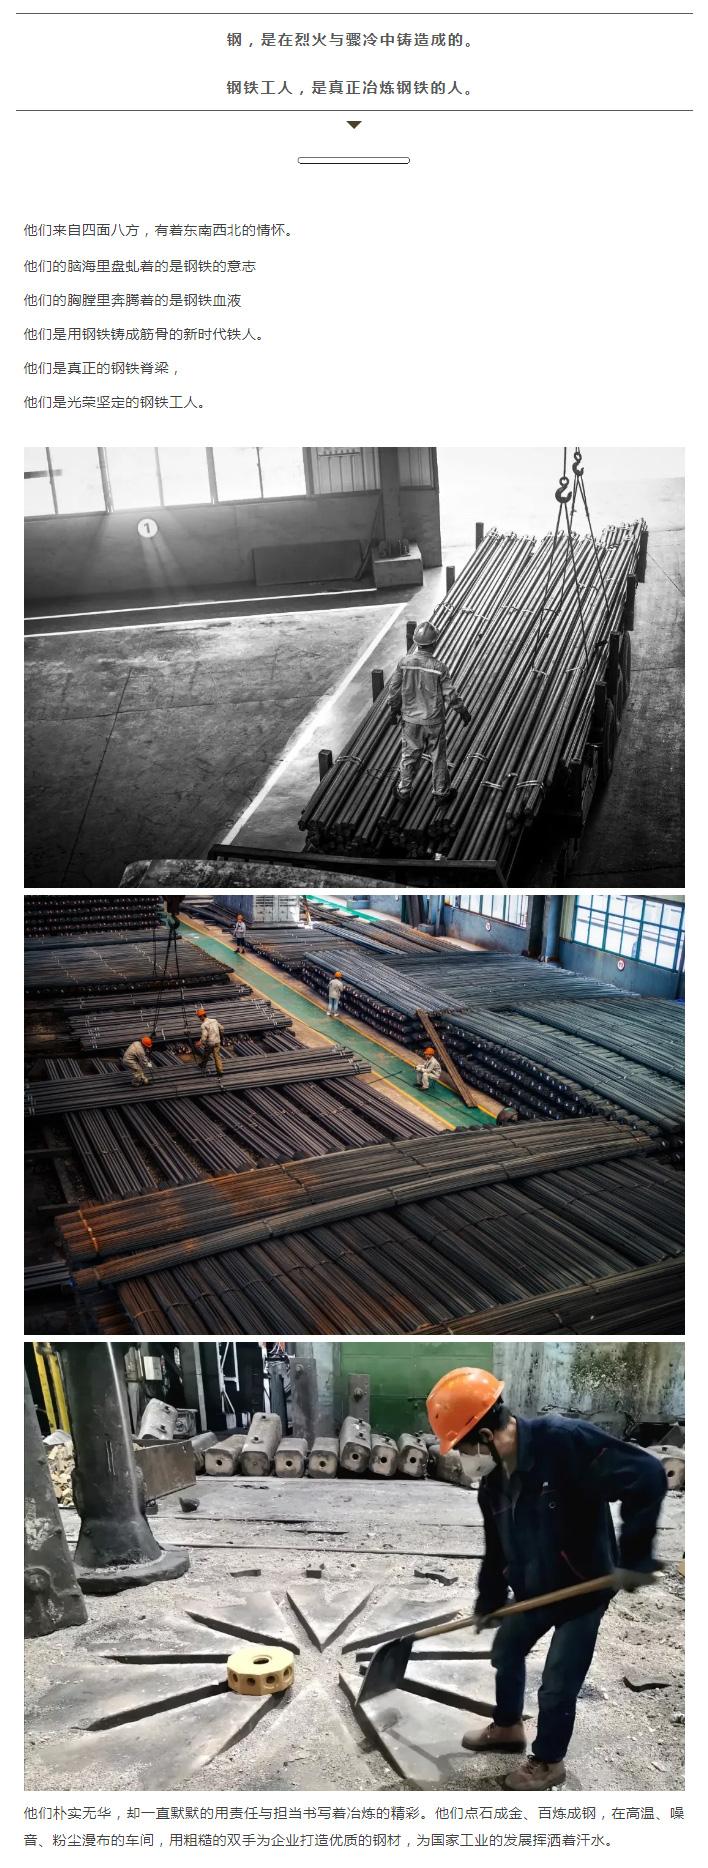 五一-_-今天,让我们向钢铁工人致敬!_02